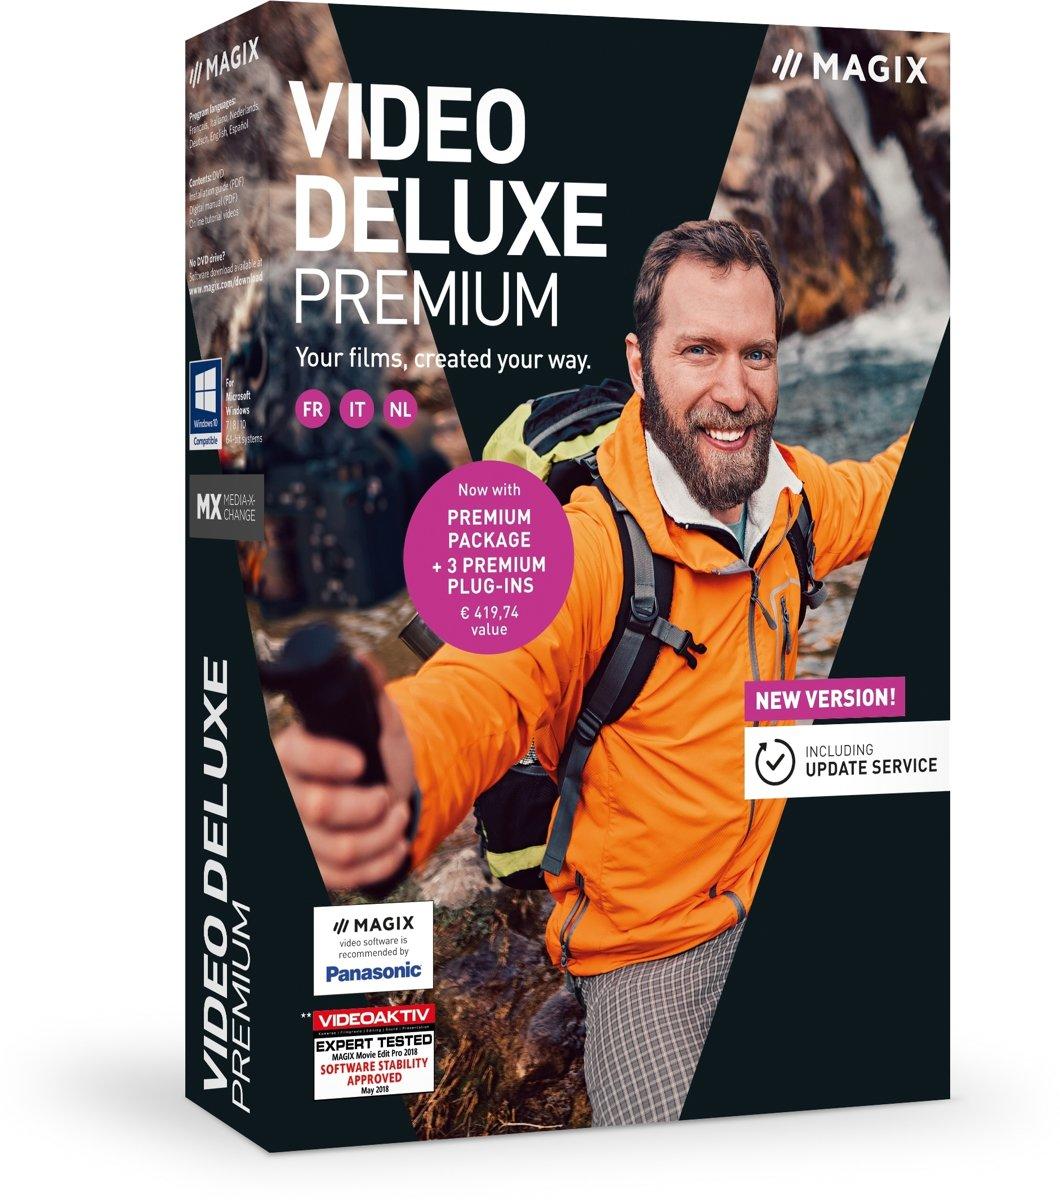 Magix Video Deluxe Premium kopen